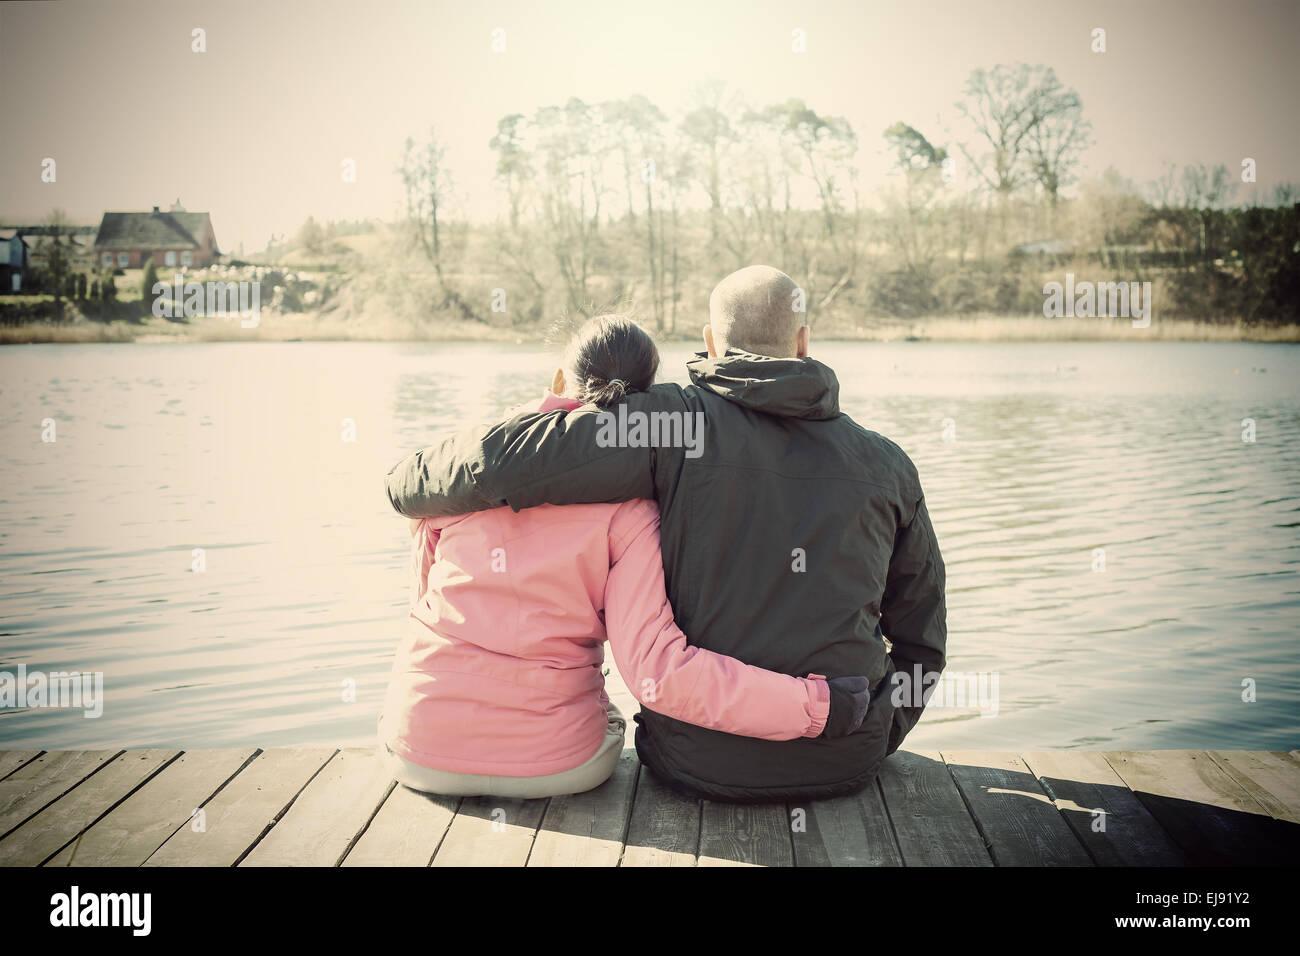 Sépia rétro photo stylisée d'un couple sitting on wooden pier par lac. Photo Stock